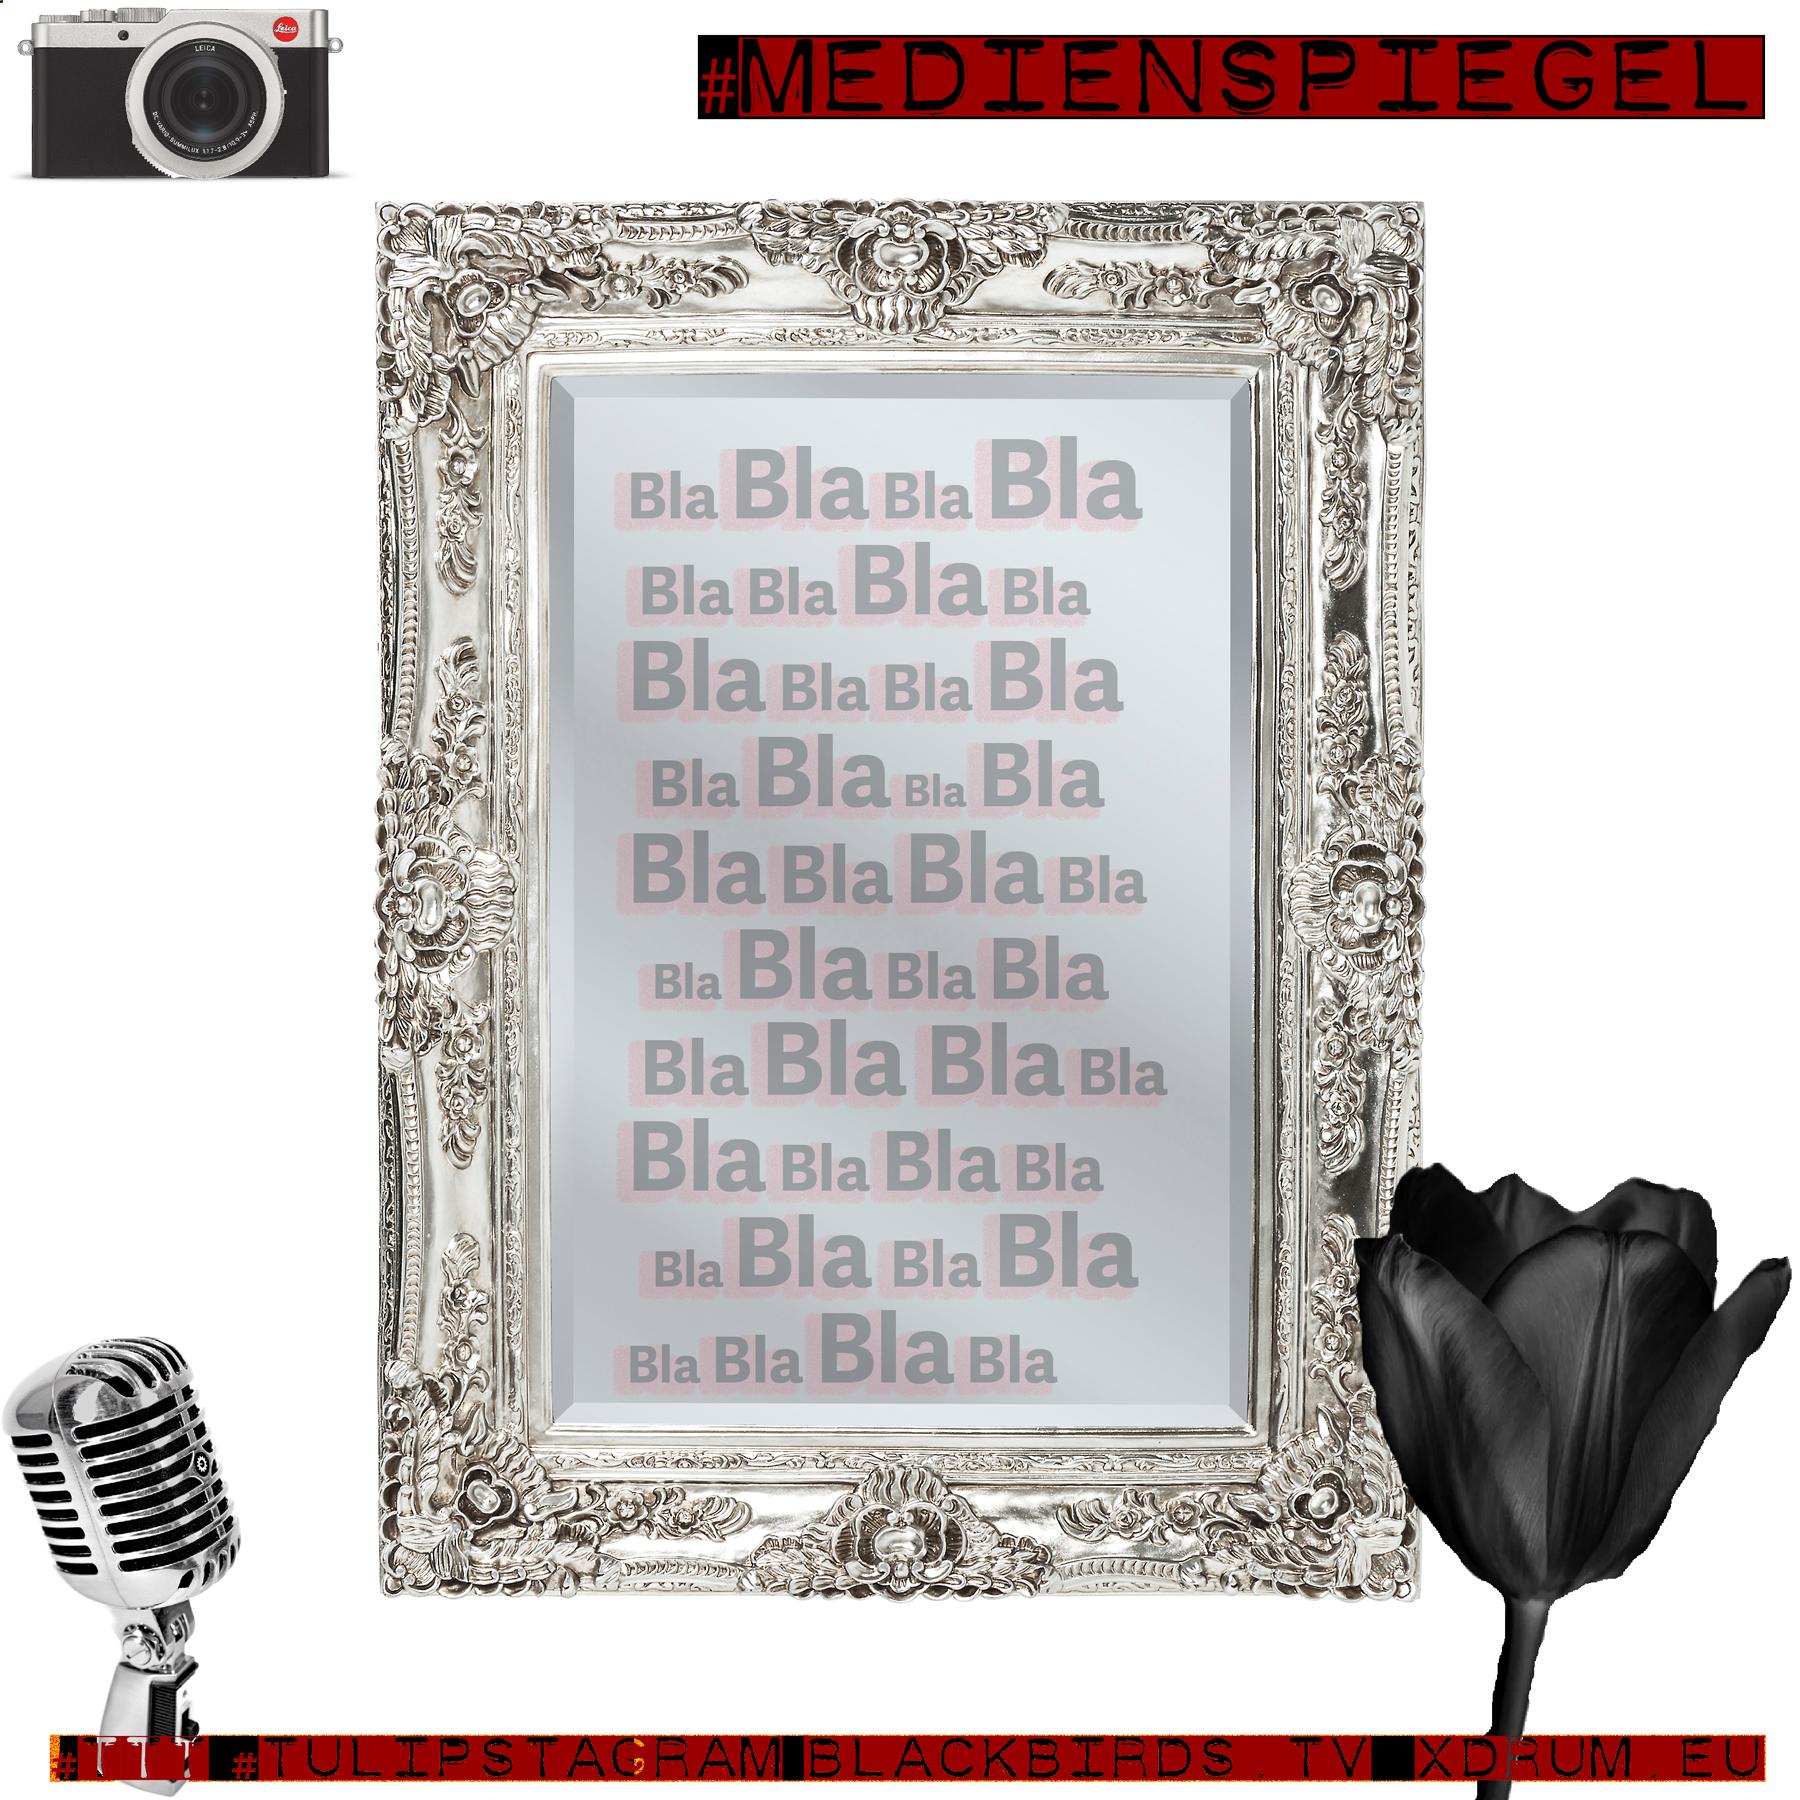 #Medienspiegel (Sinnbild) #TTT #Tulipstagram - Sites: blackbirds.tv xdrum.eu